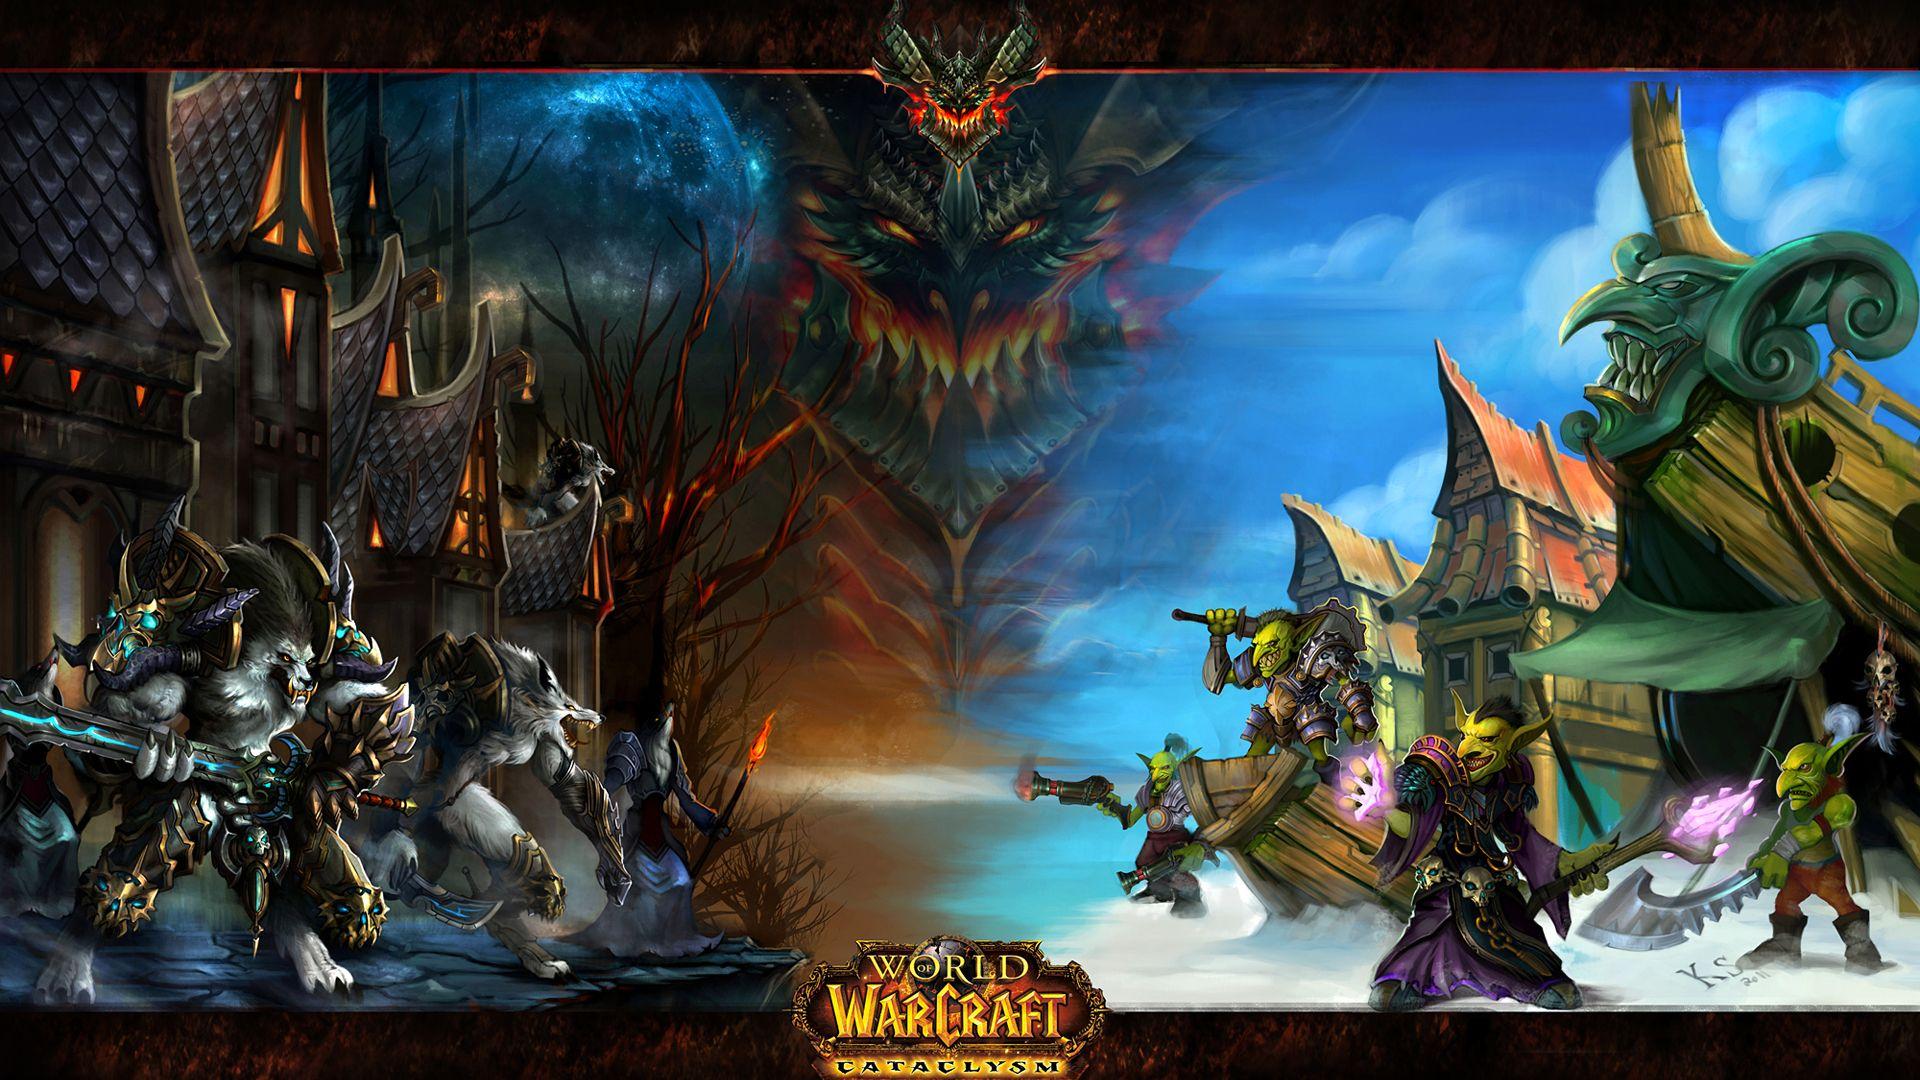 Fonds D Ecran World Of Warcraft Jeux Telecharger Photo